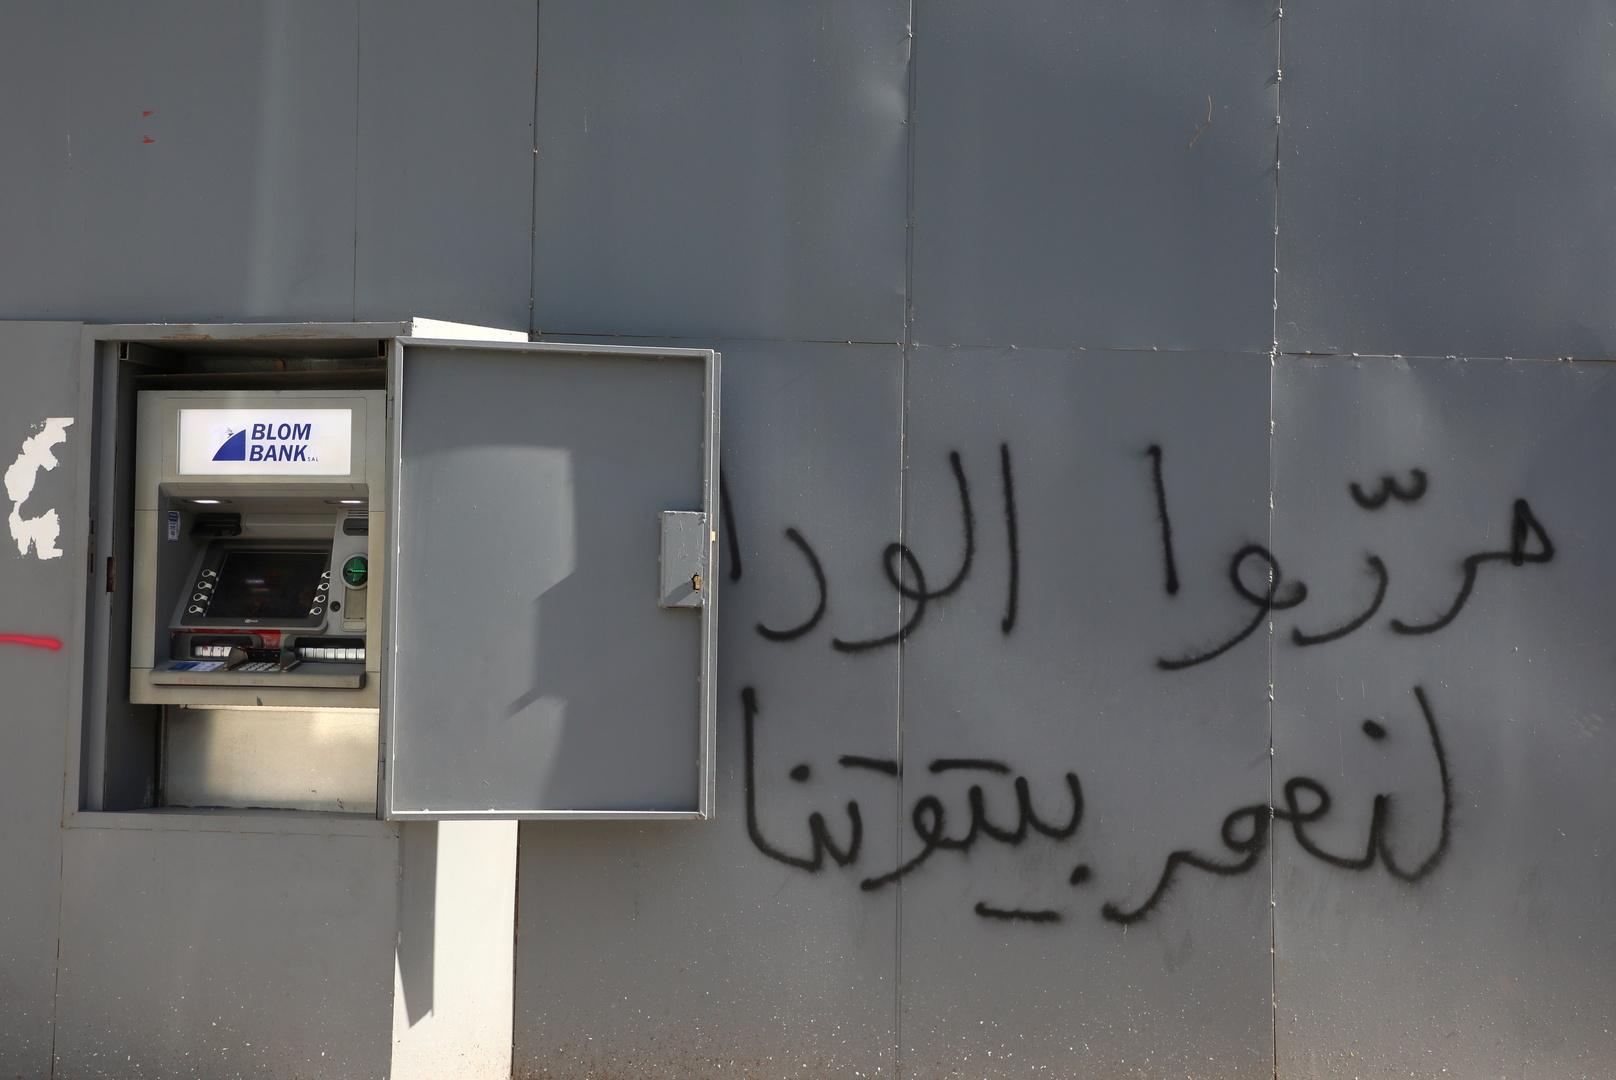 مصرف لبناني تعرض لأعمال تخريب إبان الاحتجاجات